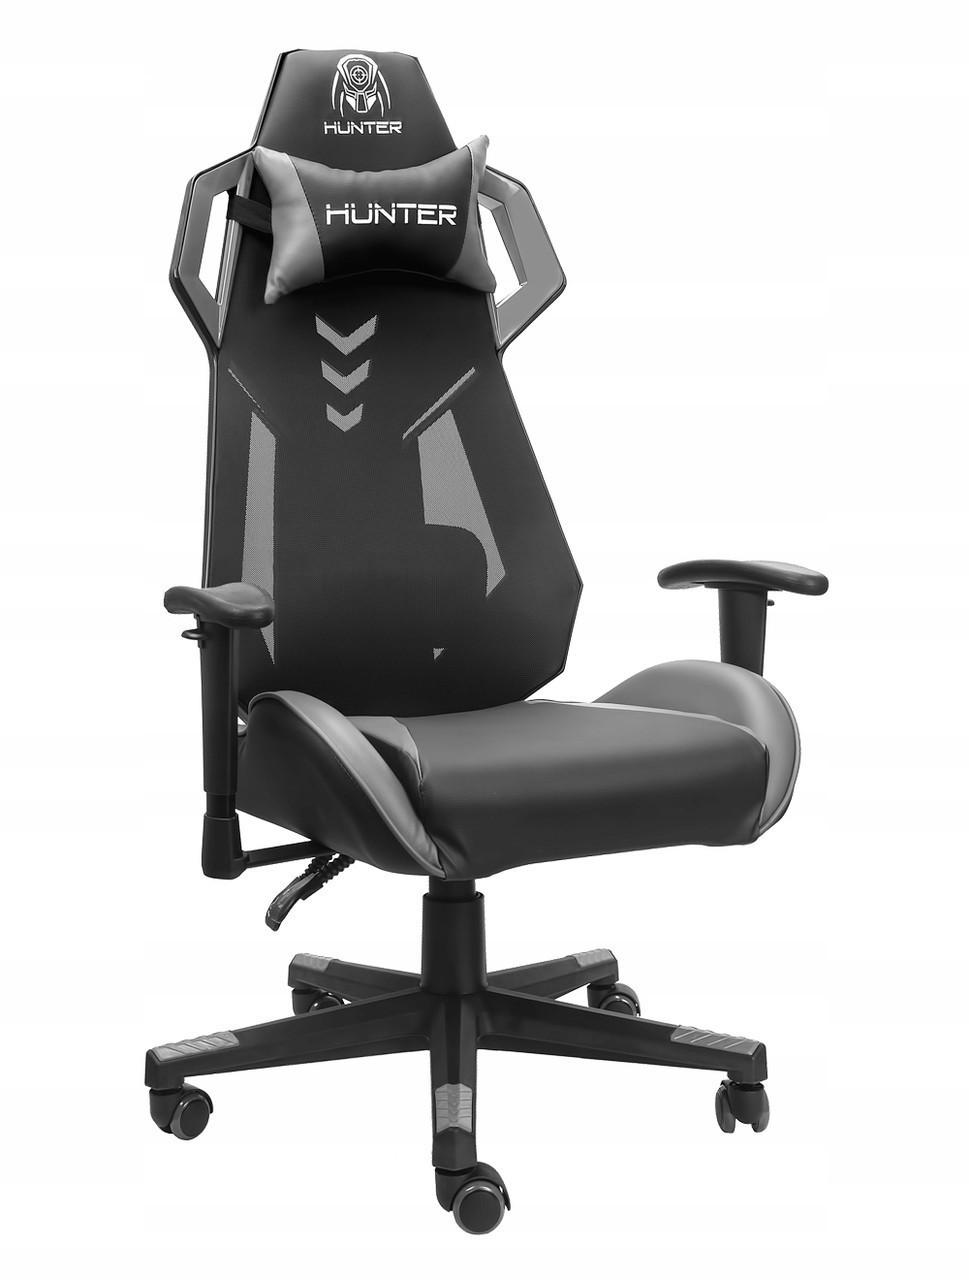 Геймерское кресло HUNTER V-Race Черный Качество ЕС, Польша